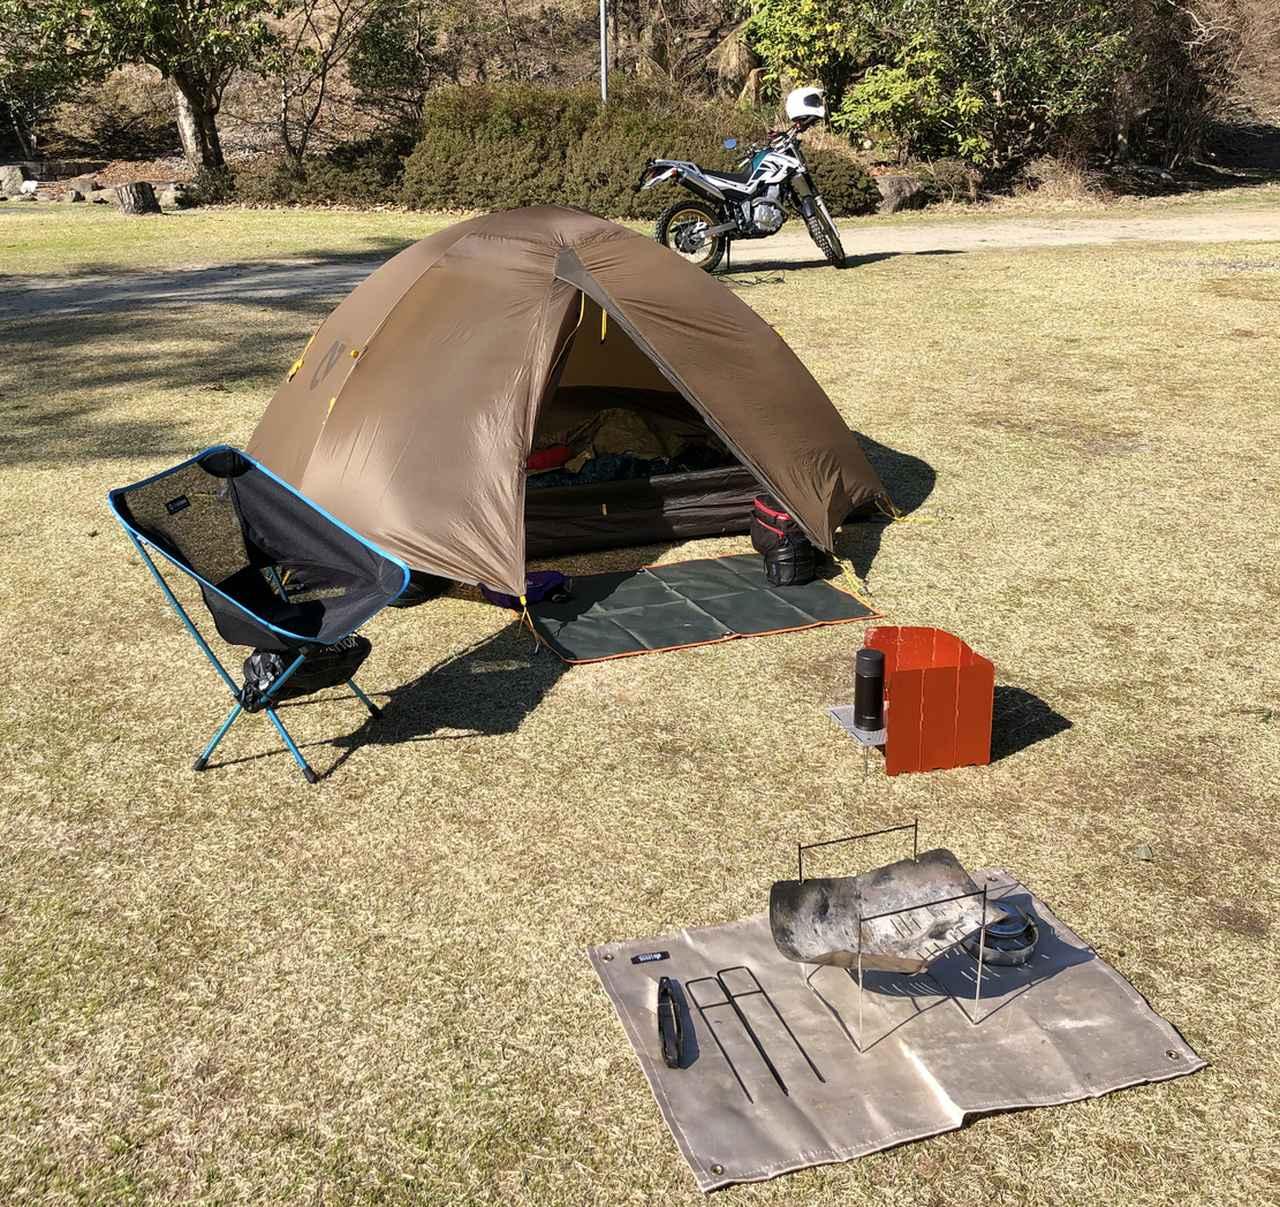 画像: 【キャンプ用品】超厳選! 3つのギアがあれば問題なし! ソロキャンプで必要なキャンプ用品を紹介!